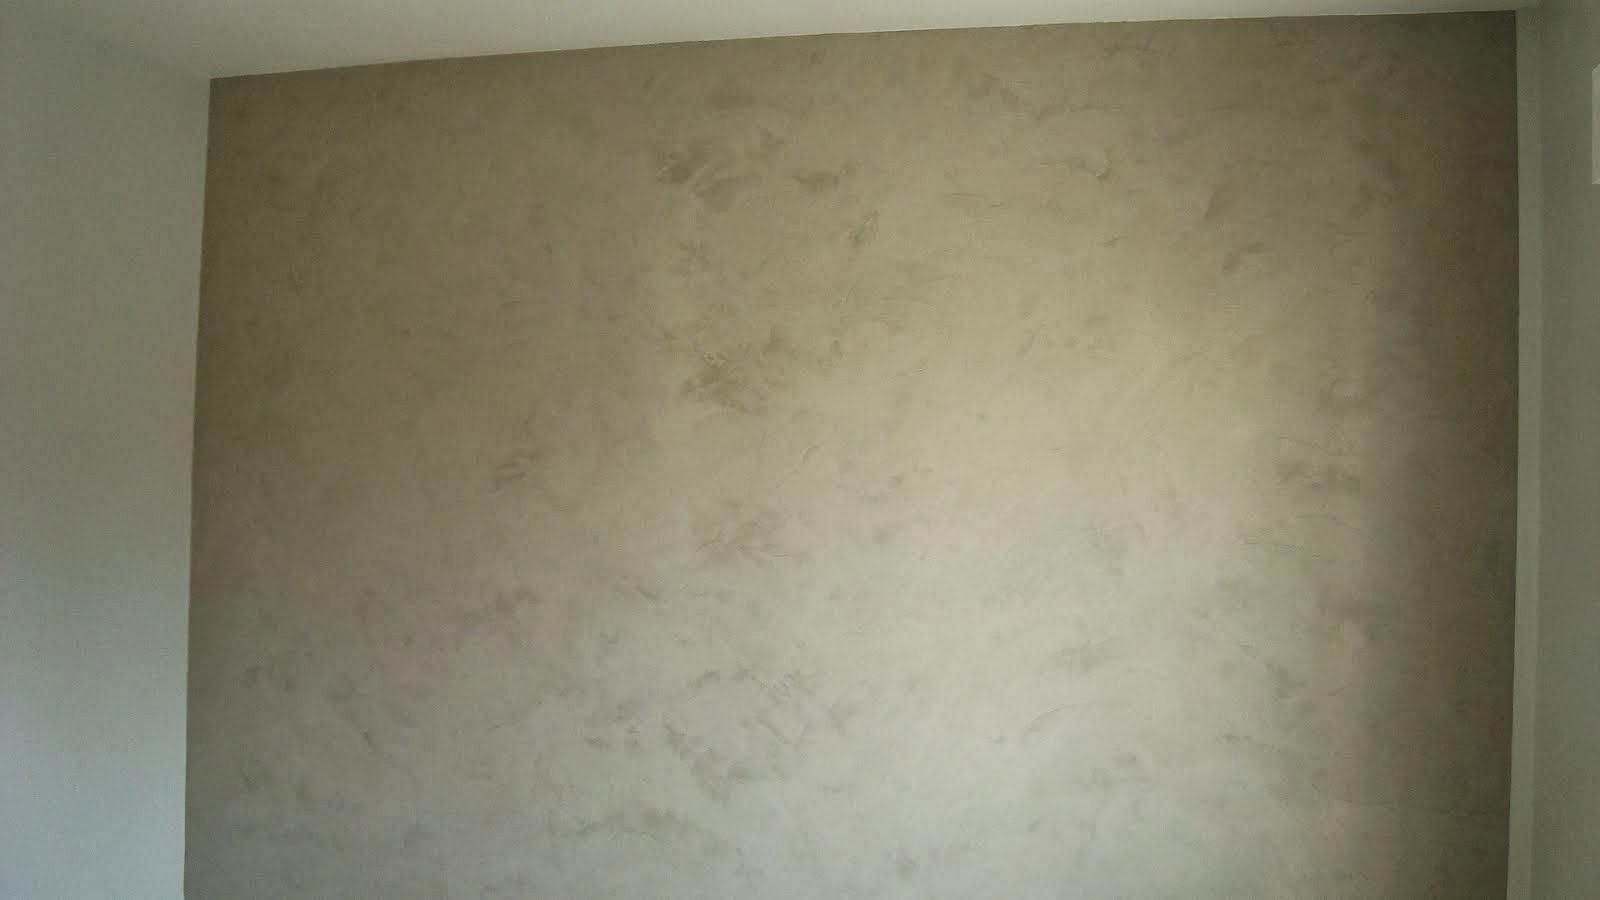 Malardenti peinture et decor decoration d 39 interieur for Peinture enduit interieur